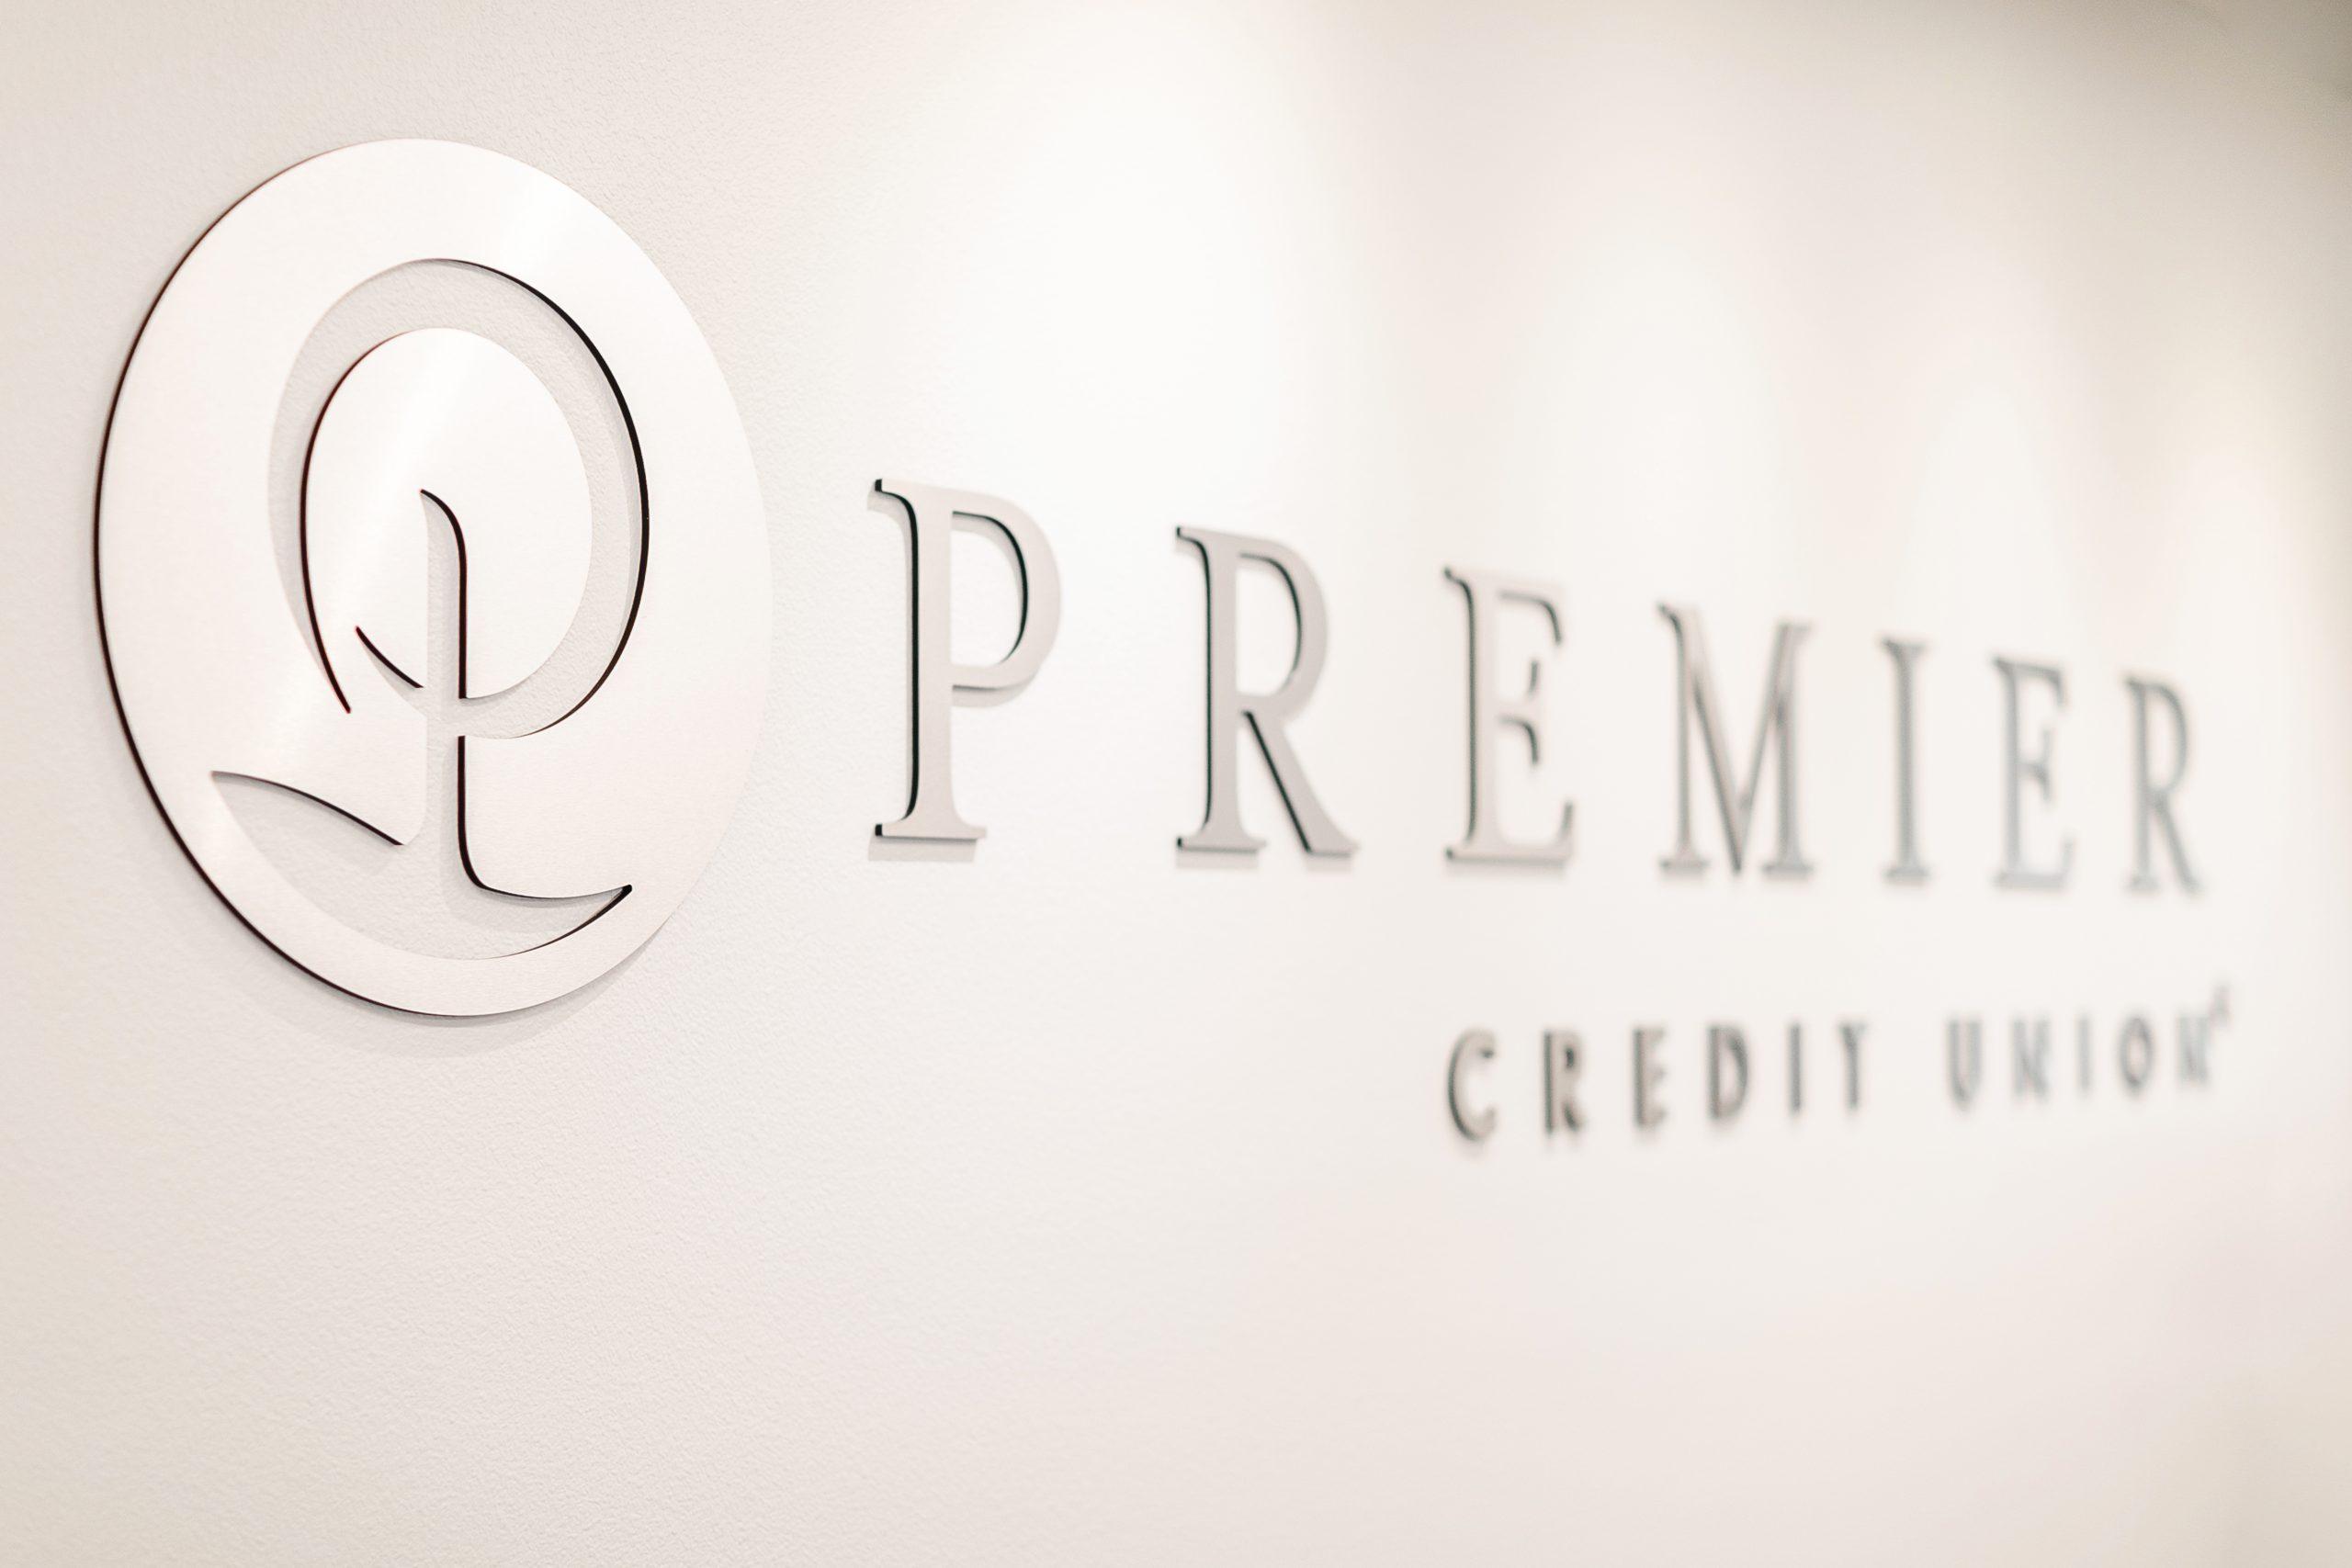 Premier Credit Union Logo